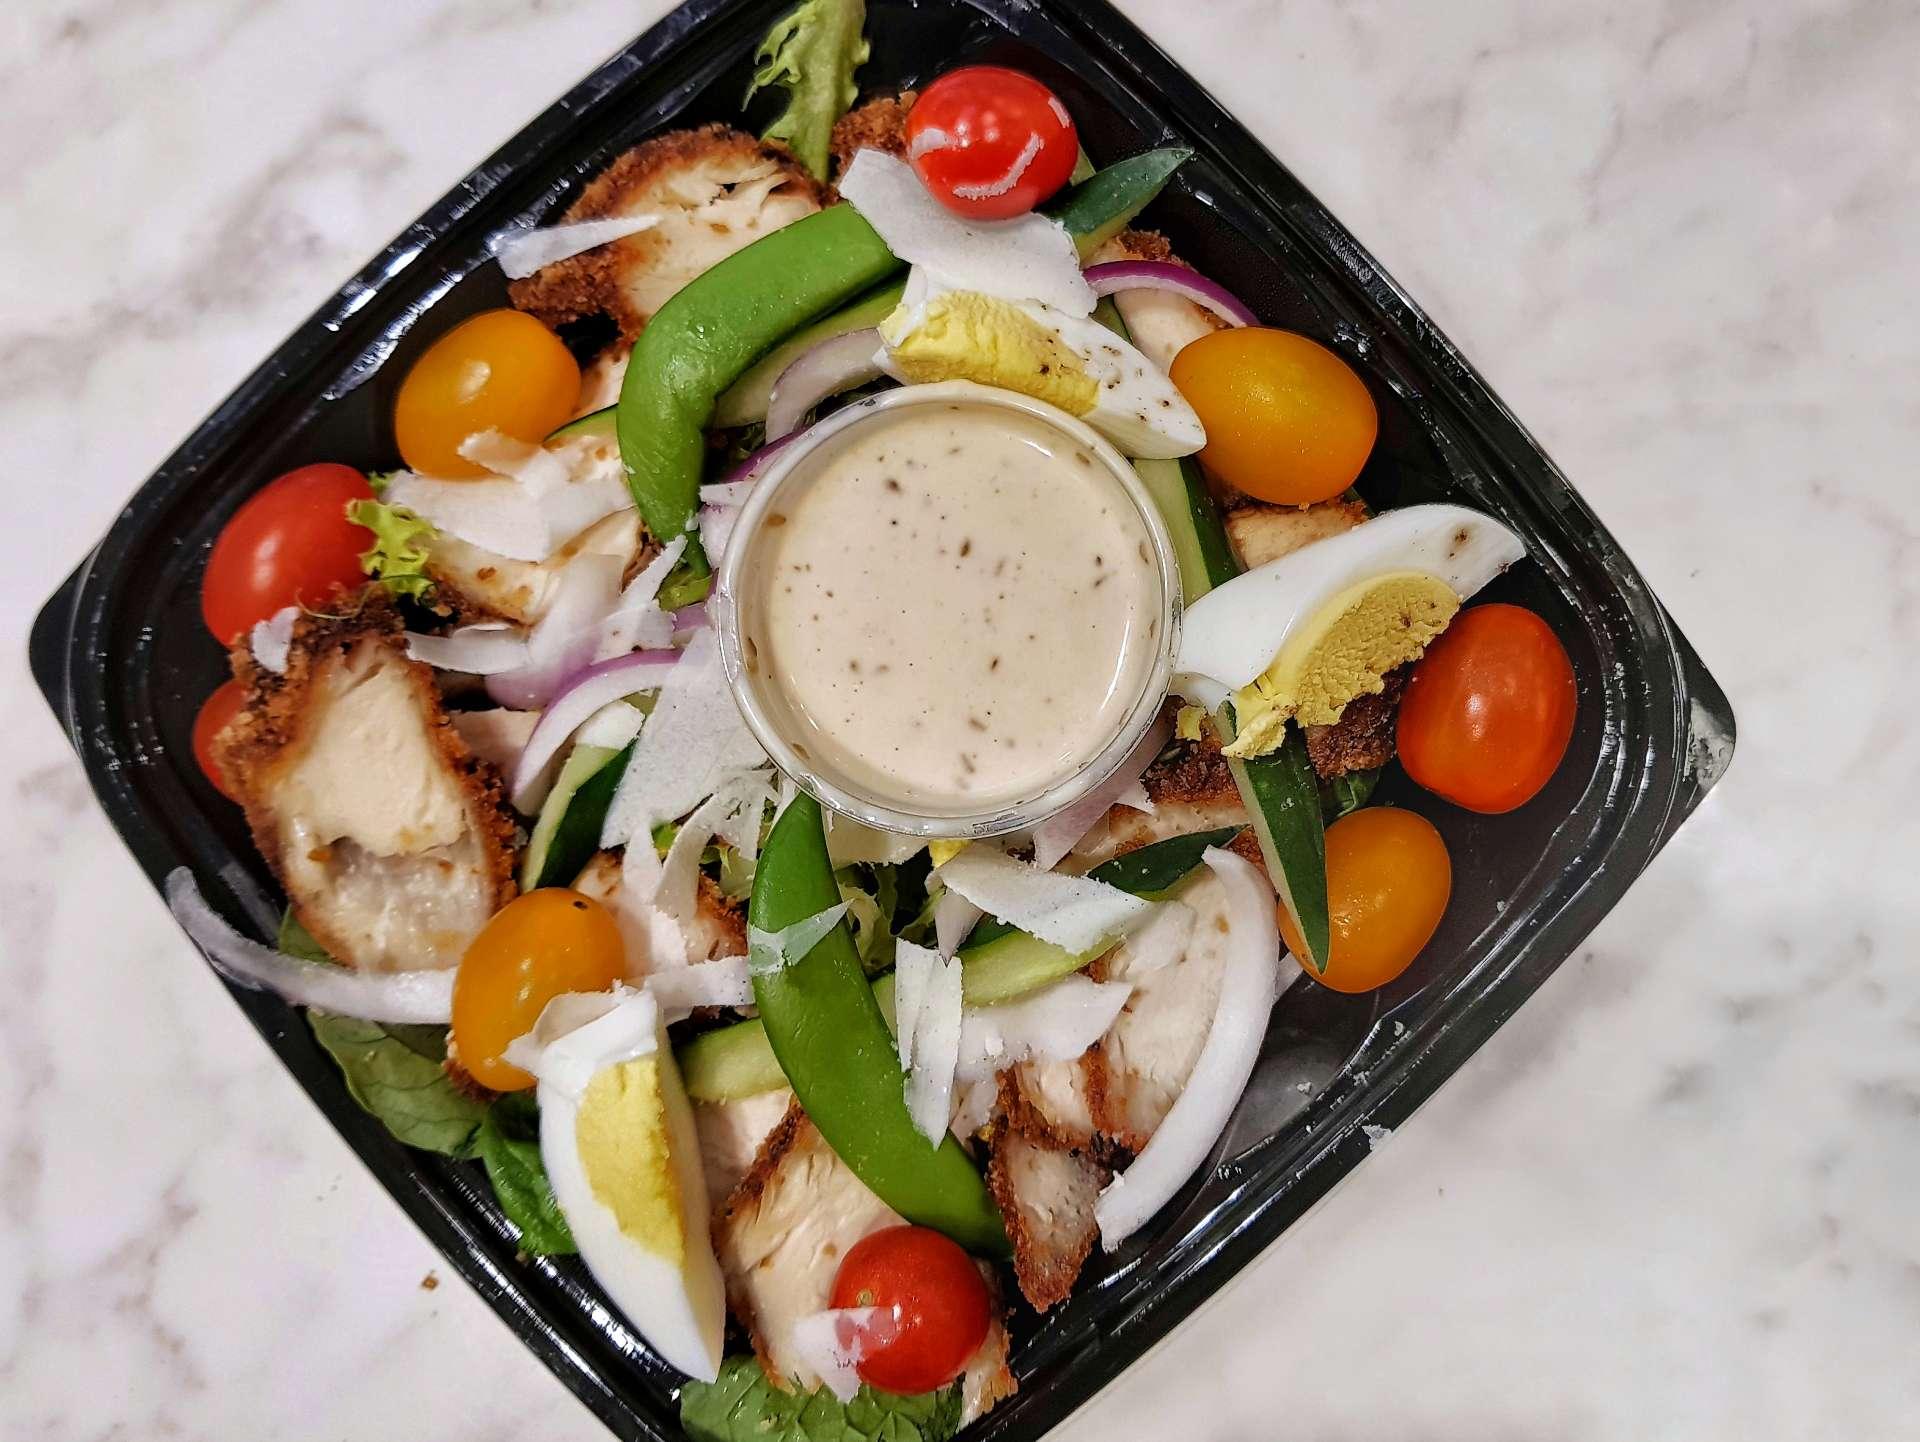 Paris baguette veggie sandwich calories